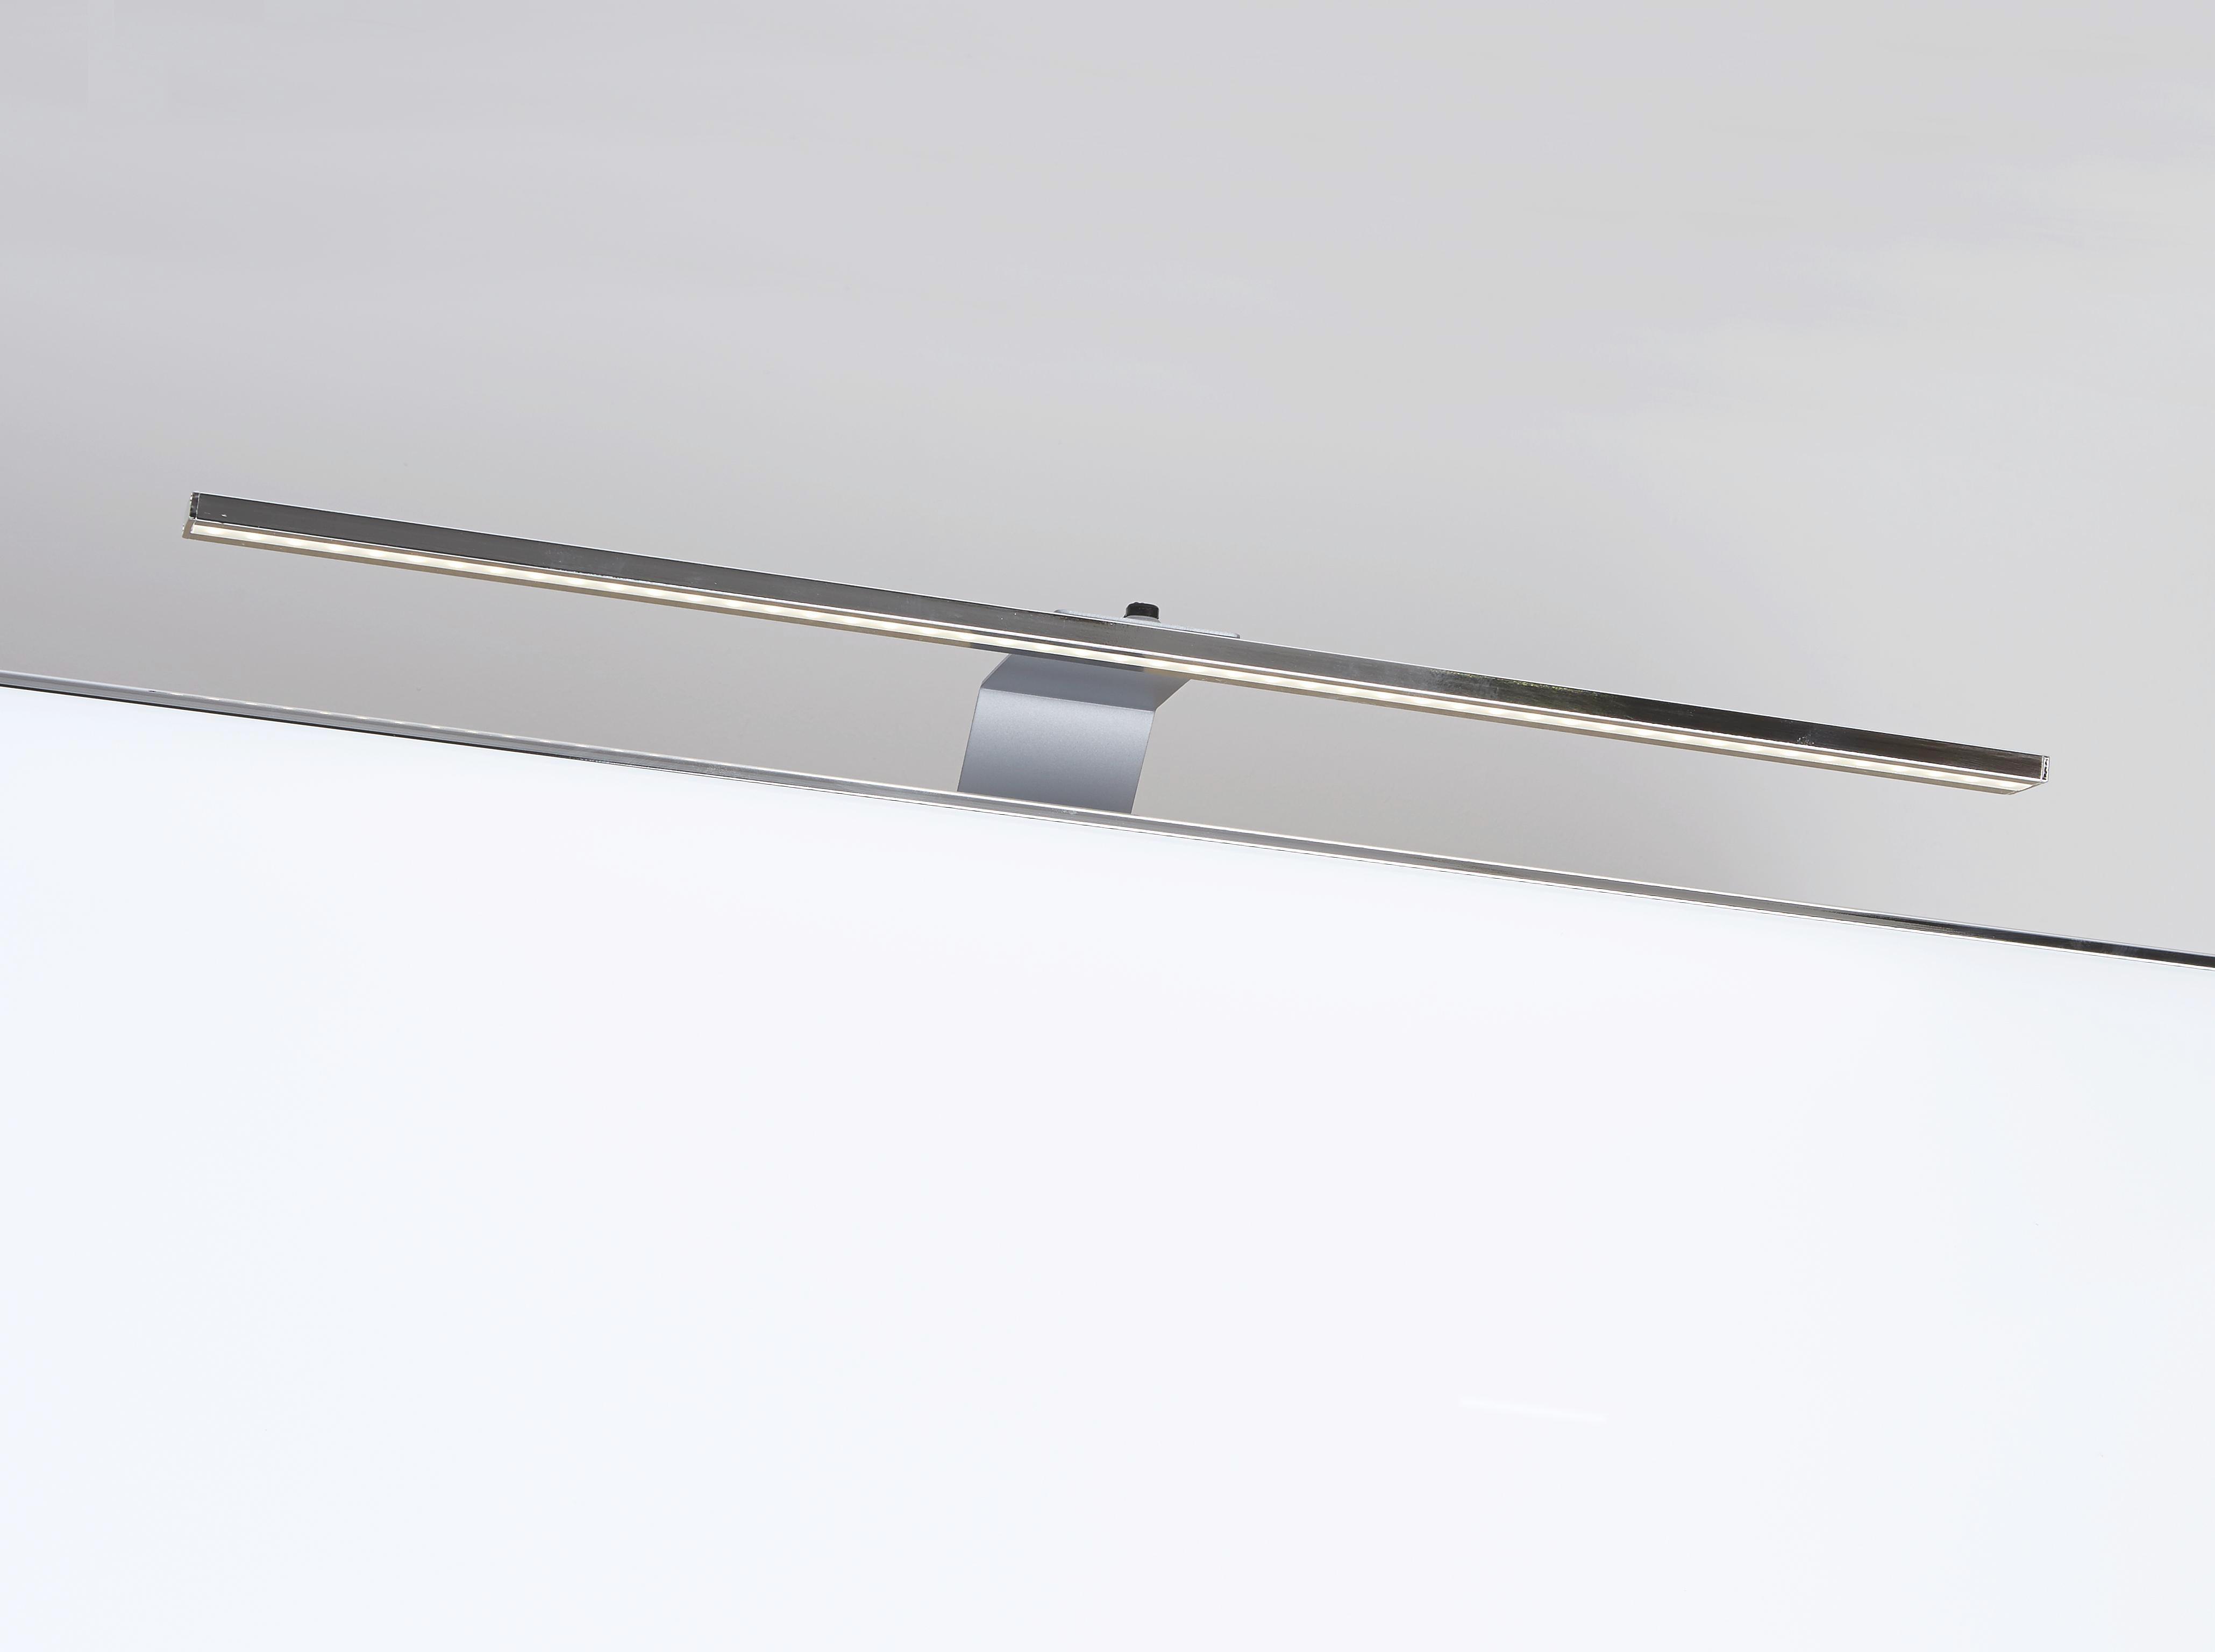 Obvodové Osvětlení Fineline/sonate Rom - Moderní (60/6,5/19cm)